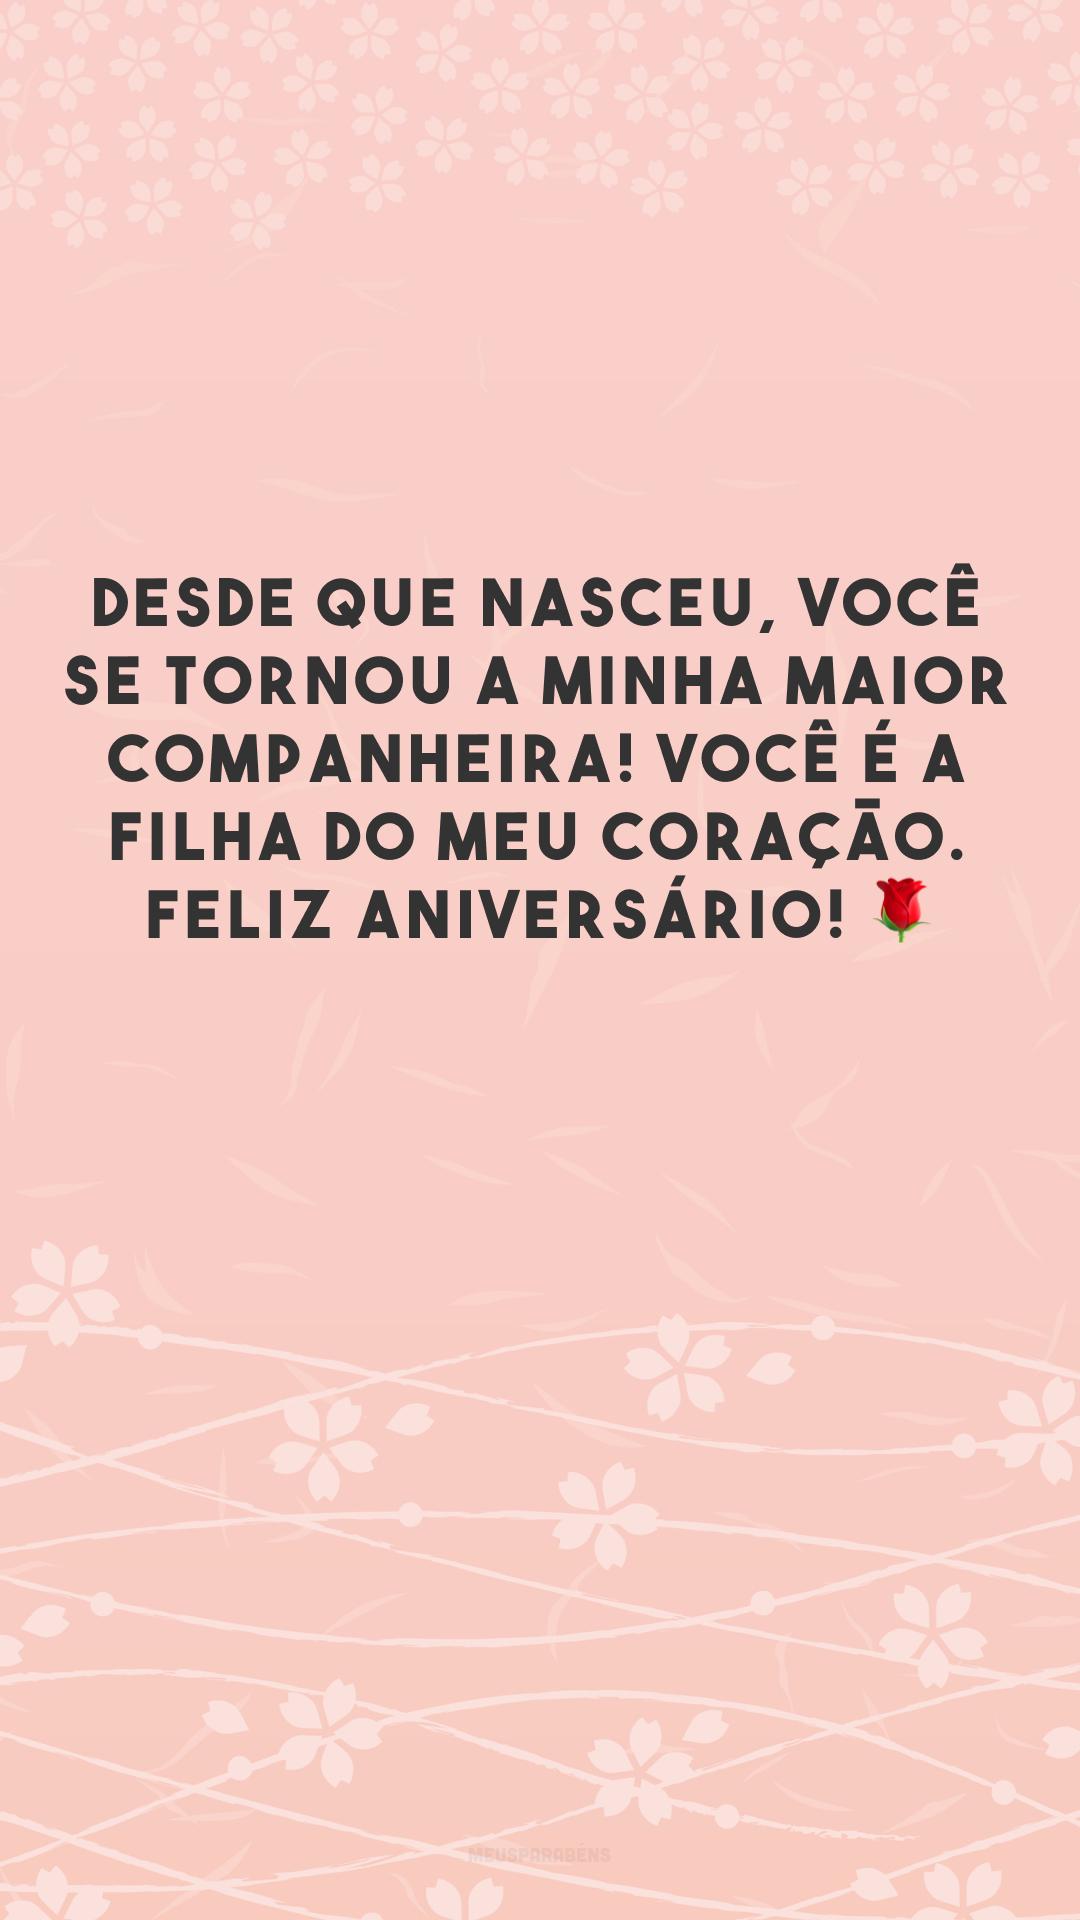 Desde que nasceu, você se tornou a minha maior companheira! Você é a filha do meu coração. Feliz aniversário! 🌹